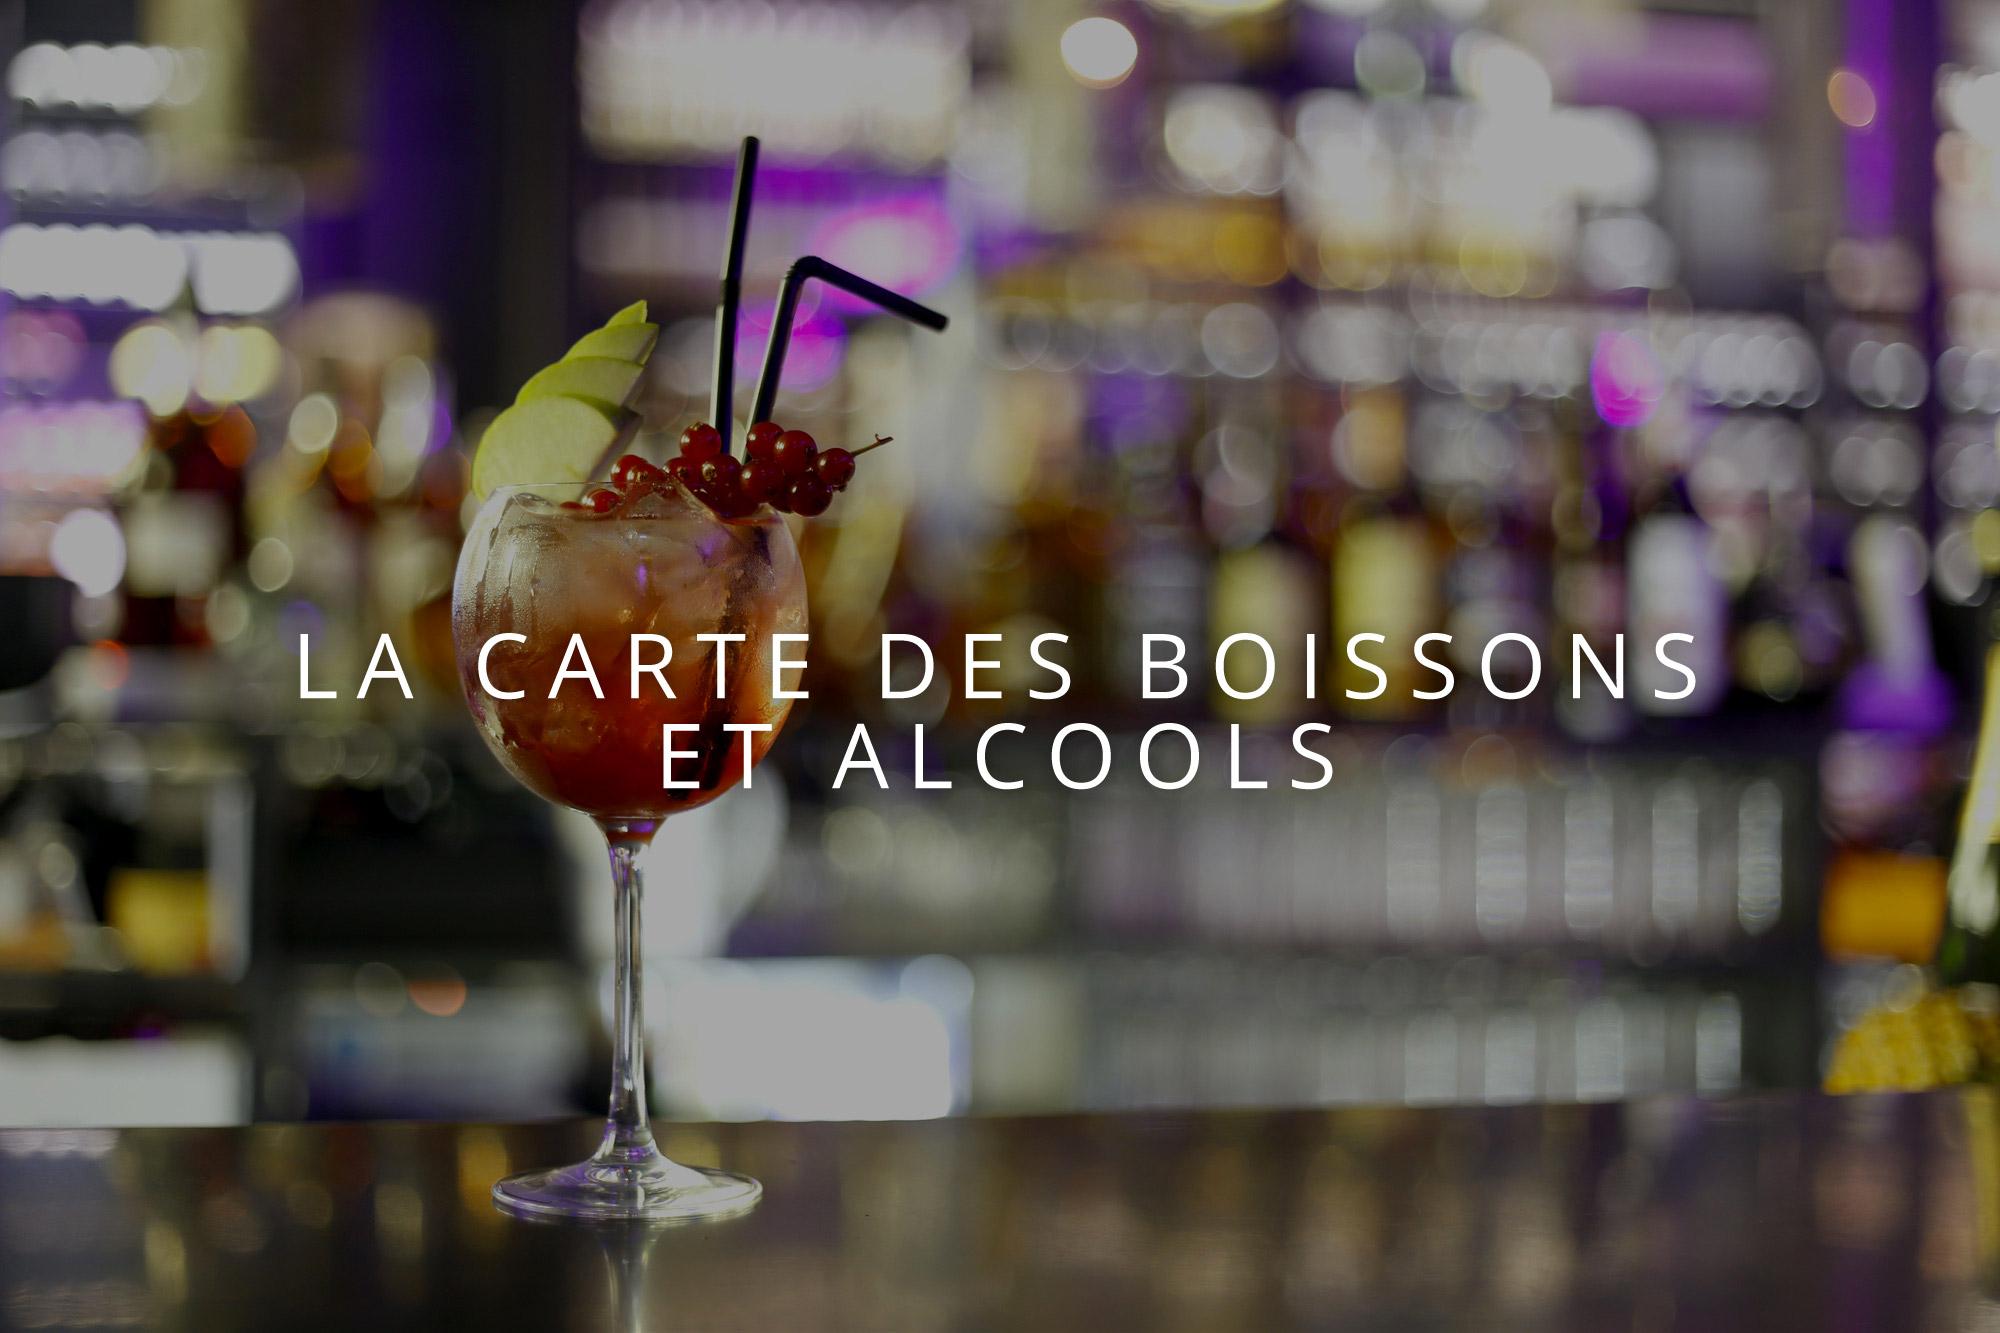 Les Alcools et Boissons du Siman